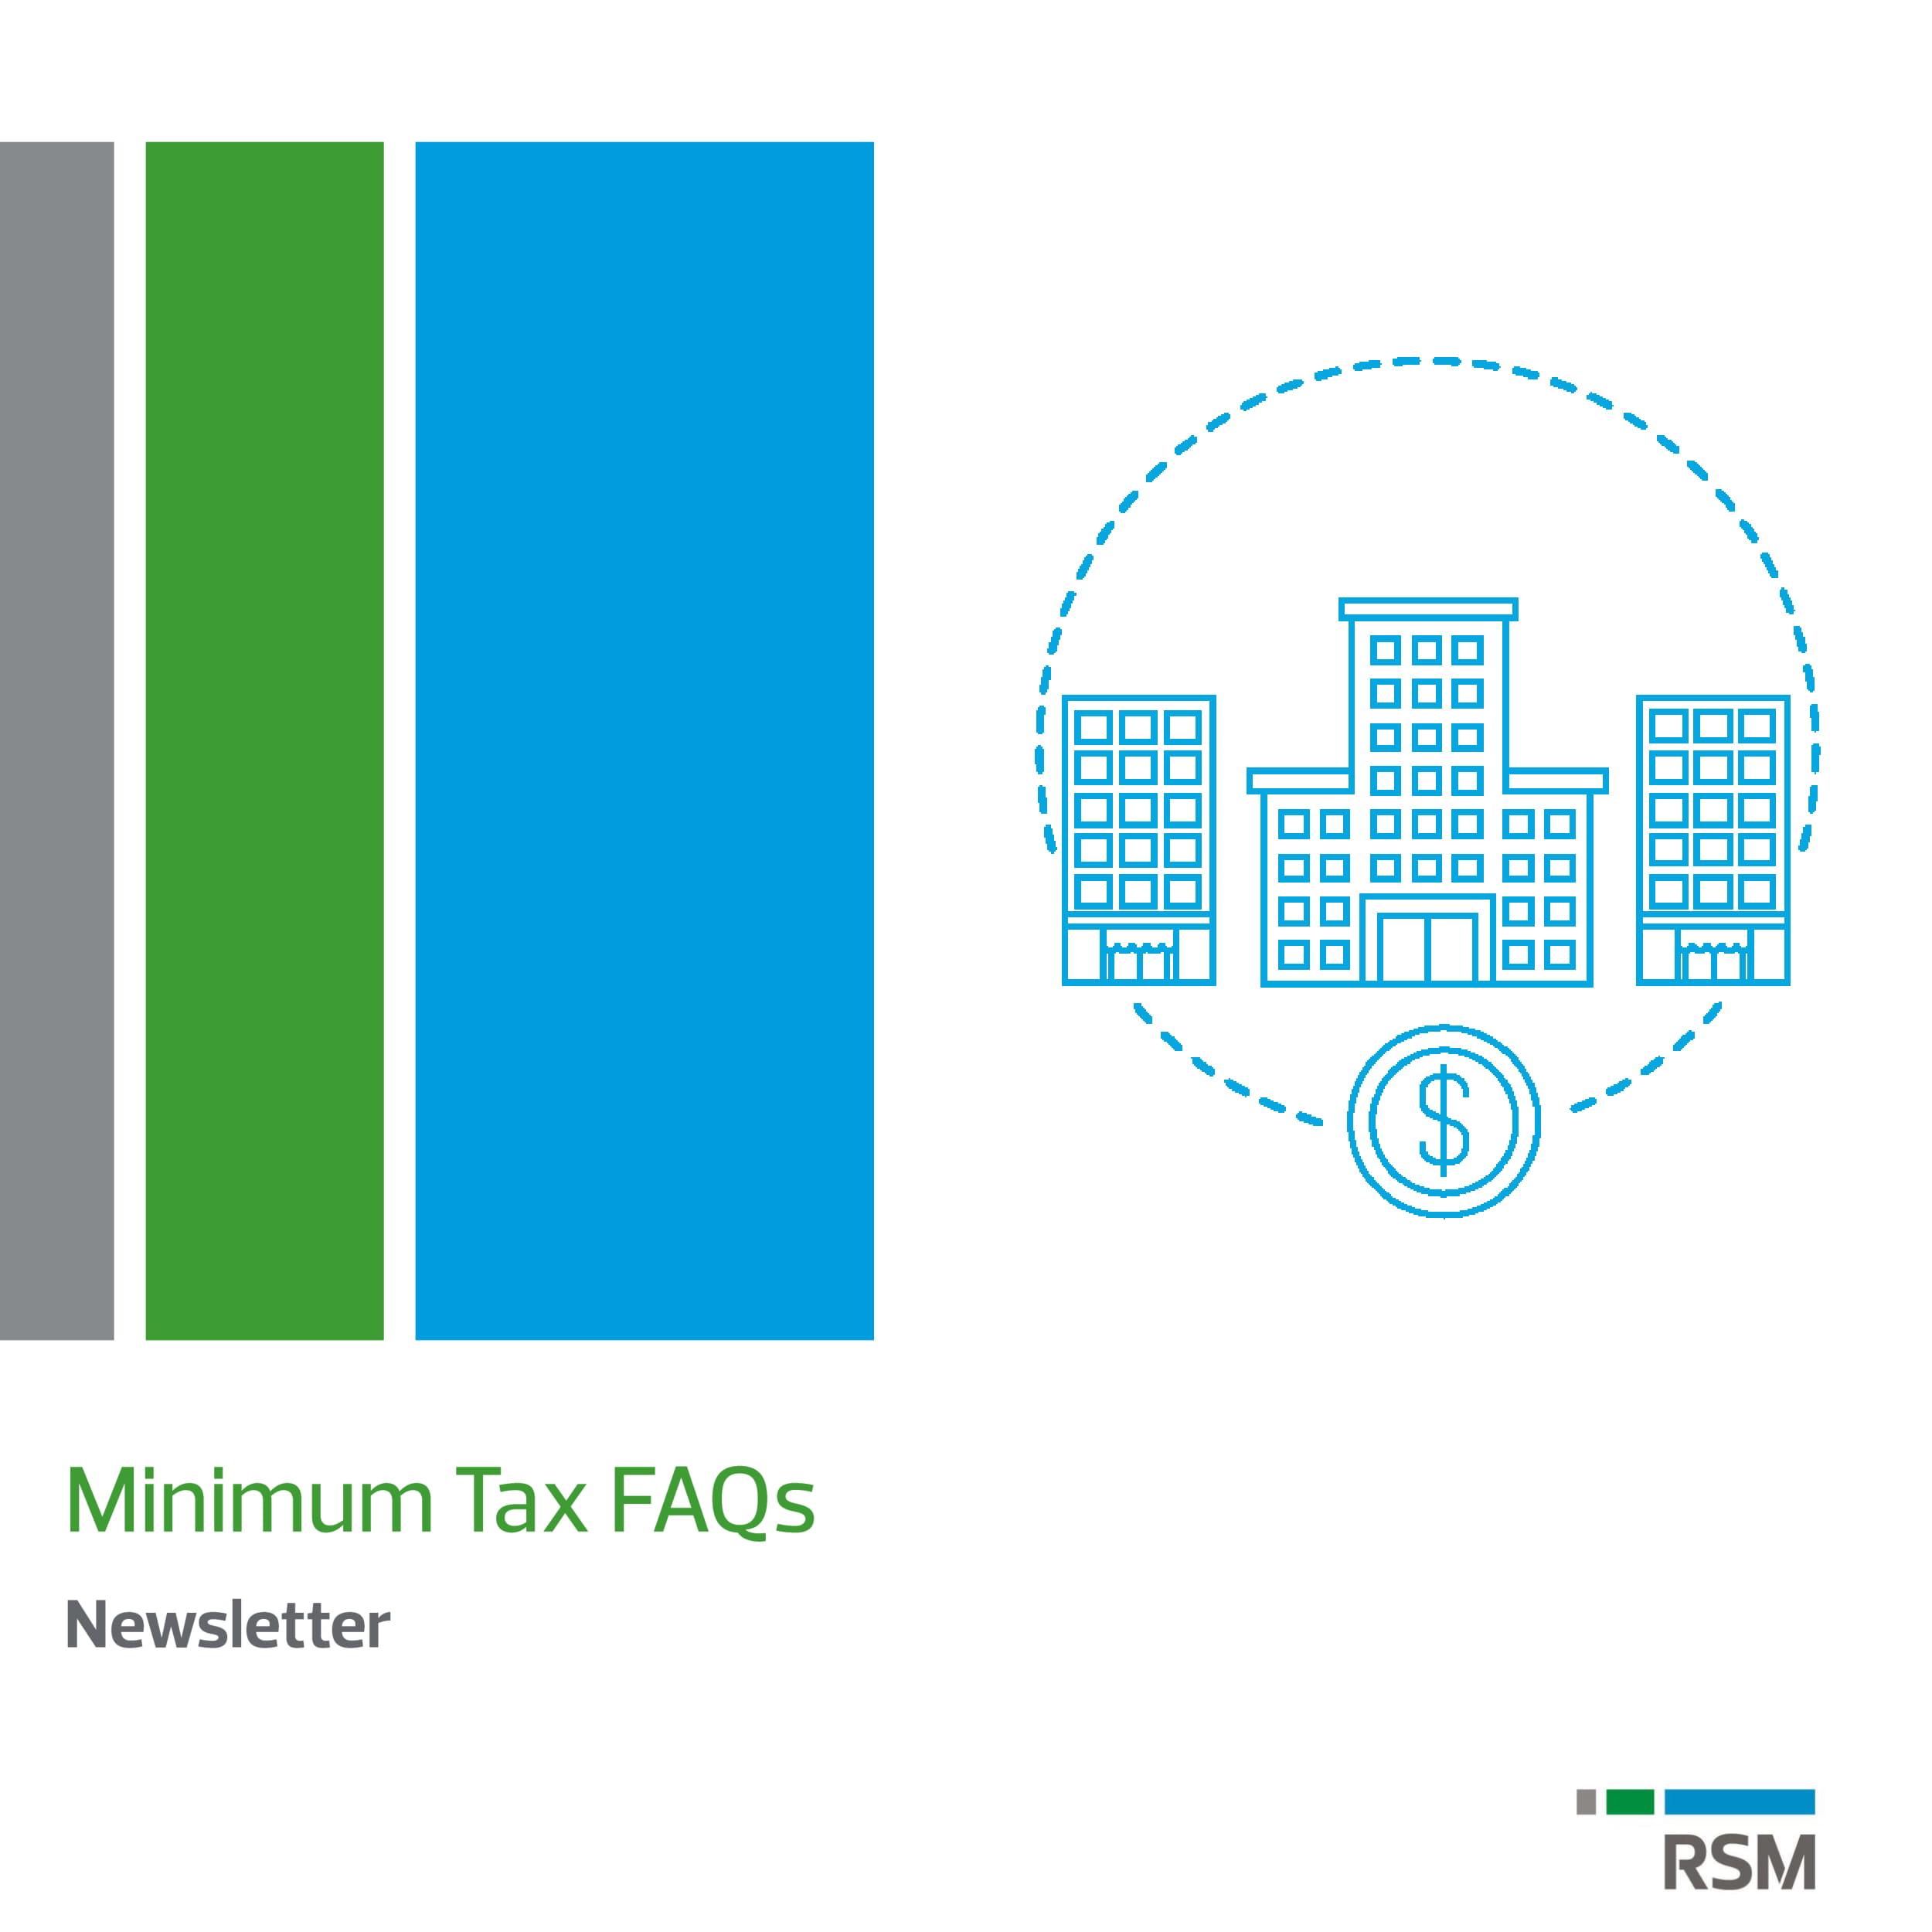 public://media/minimum_tax_faqs.jpg